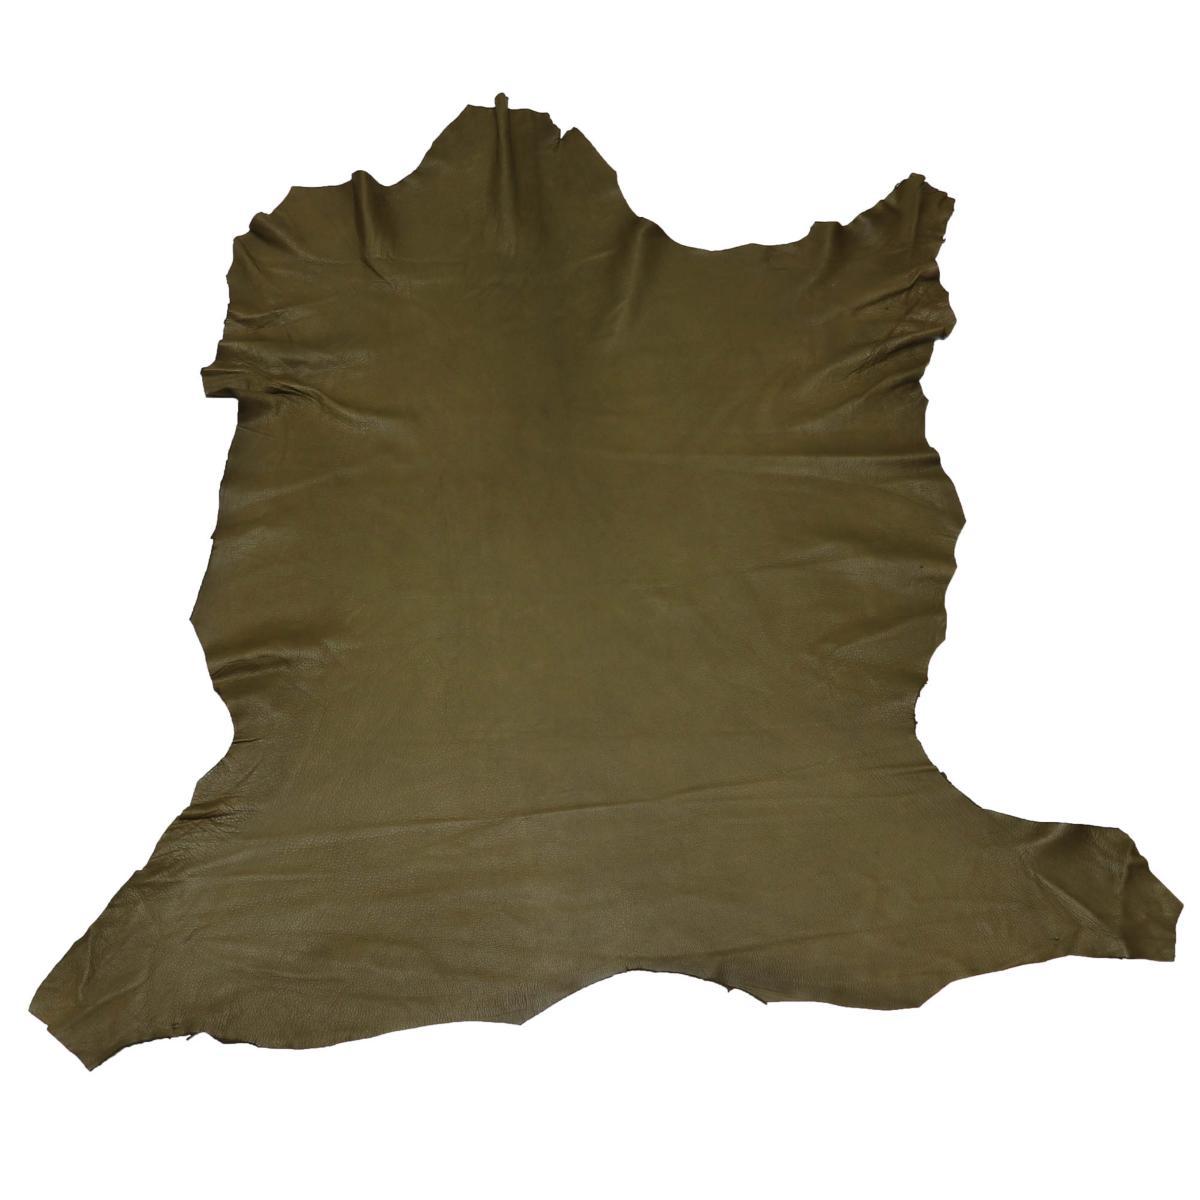 Peau de cuir de cerf - VERT KAKI C46